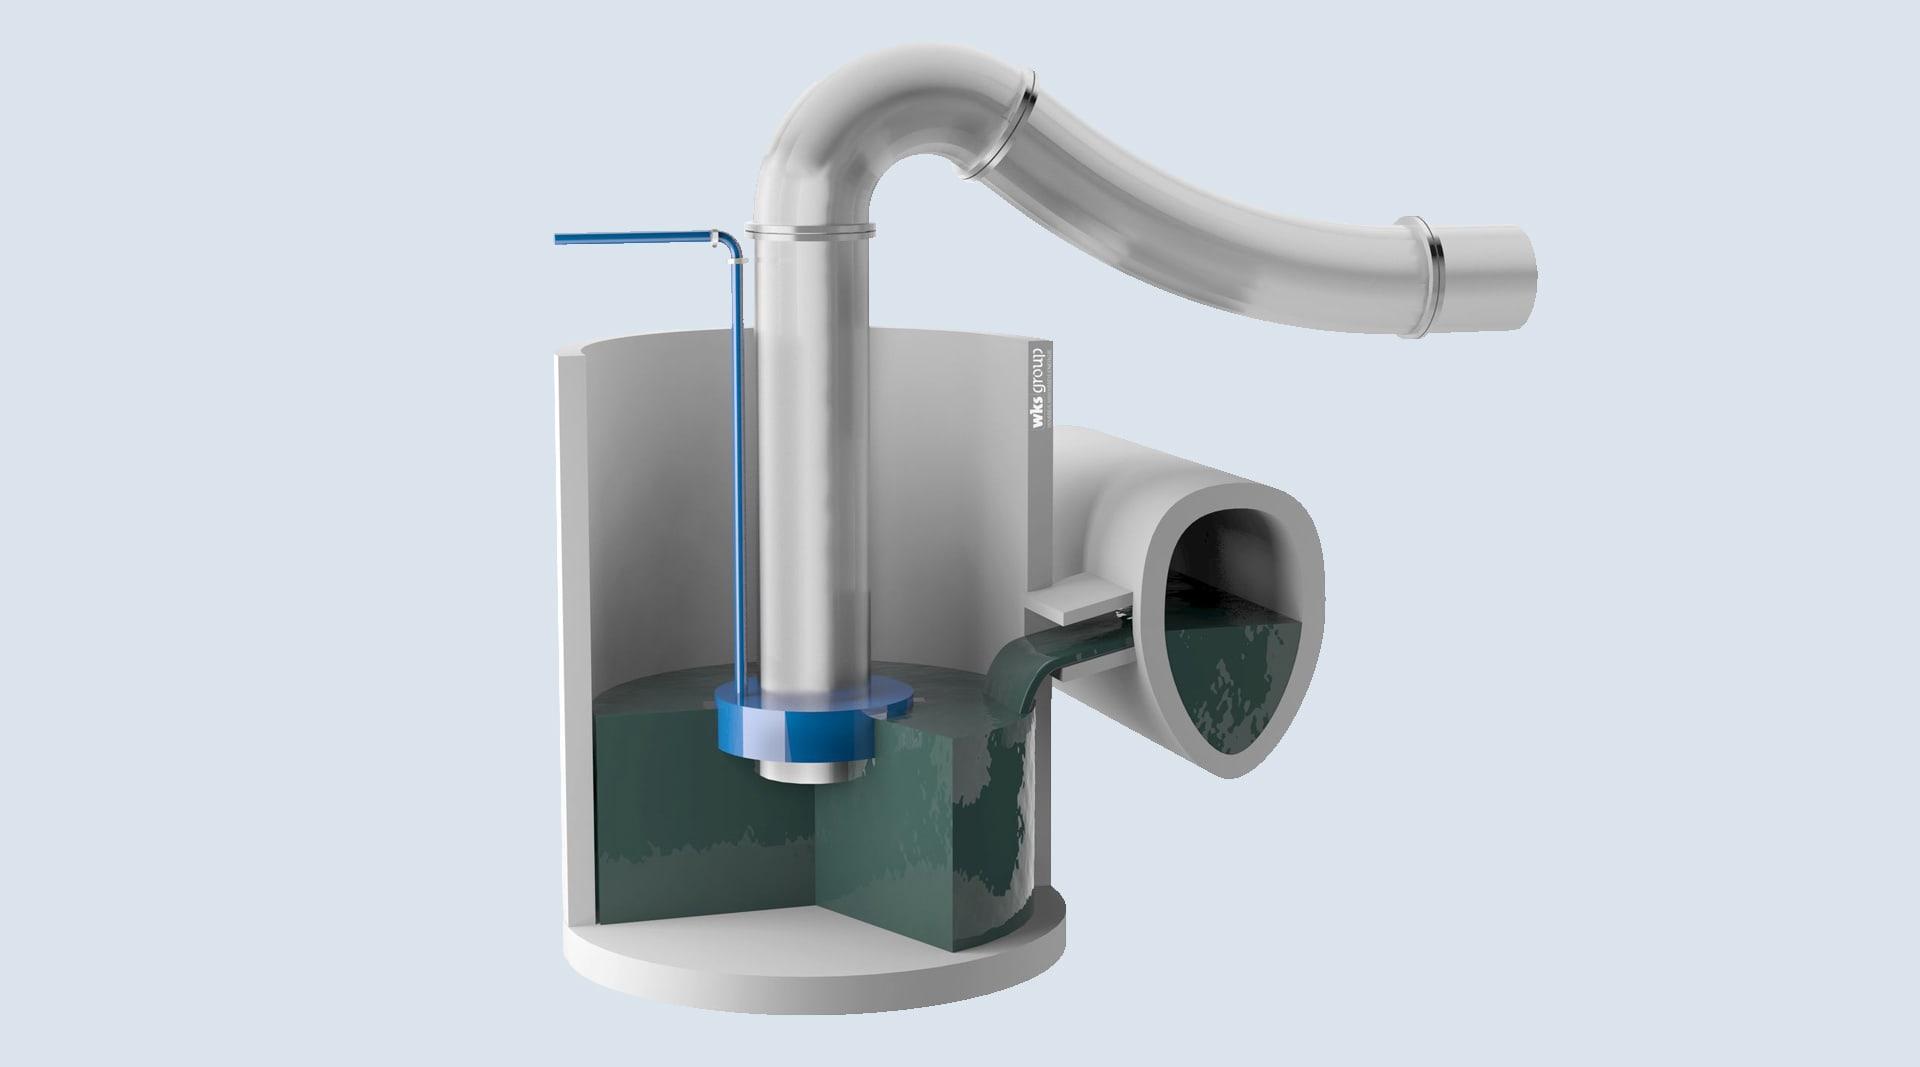 Teilmobiles Hochwasserschutzsystem – Mammut-Hochwasserschutz-Pumpanlage